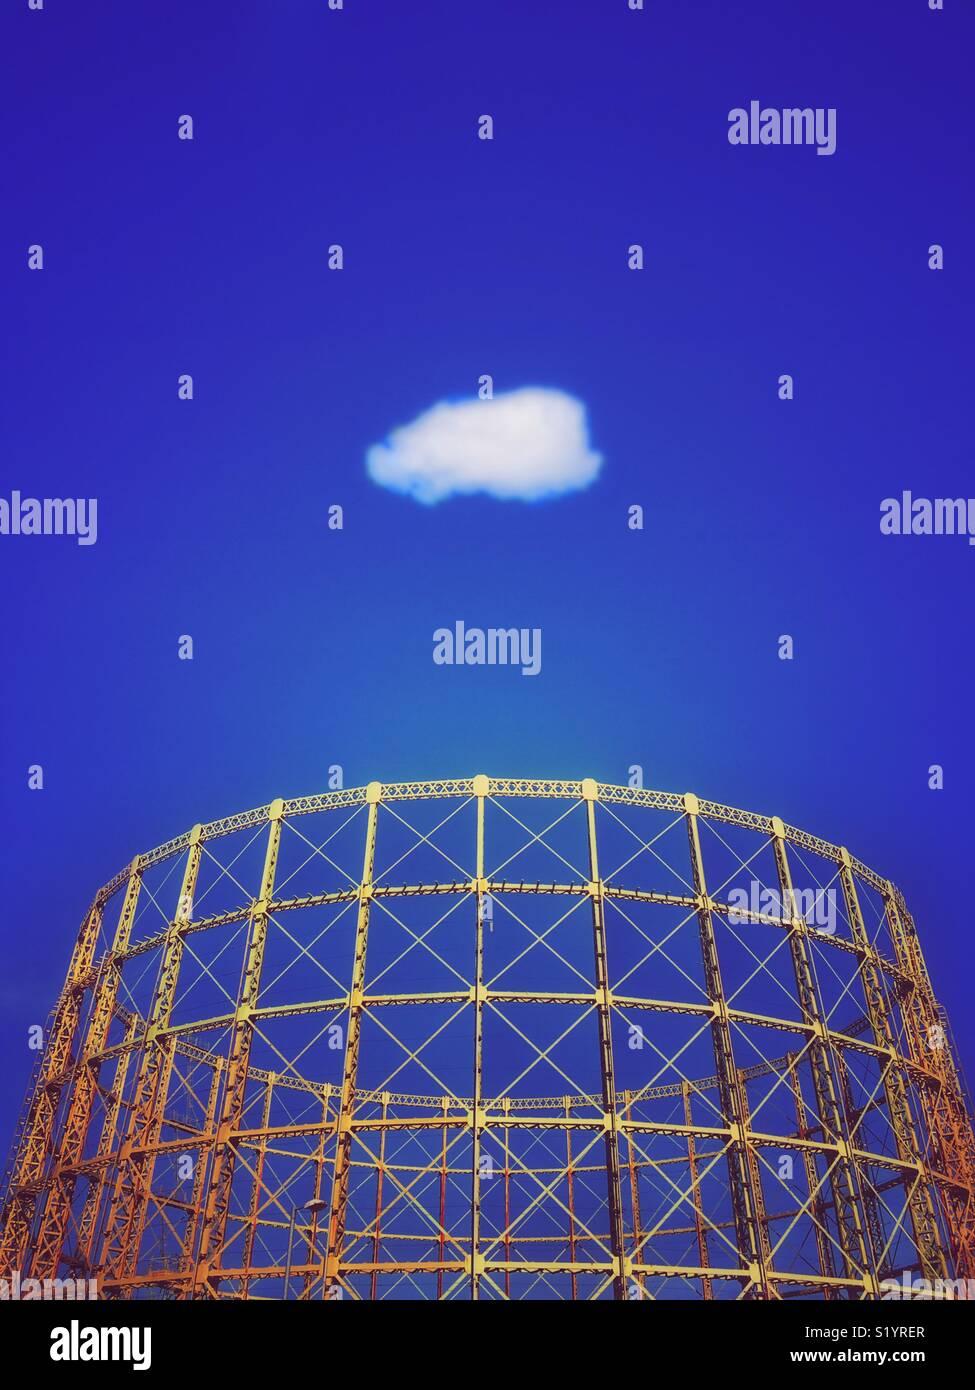 Gazomètre structure contre un ciel bleu avec des nuages blancs solitaires Photo Stock